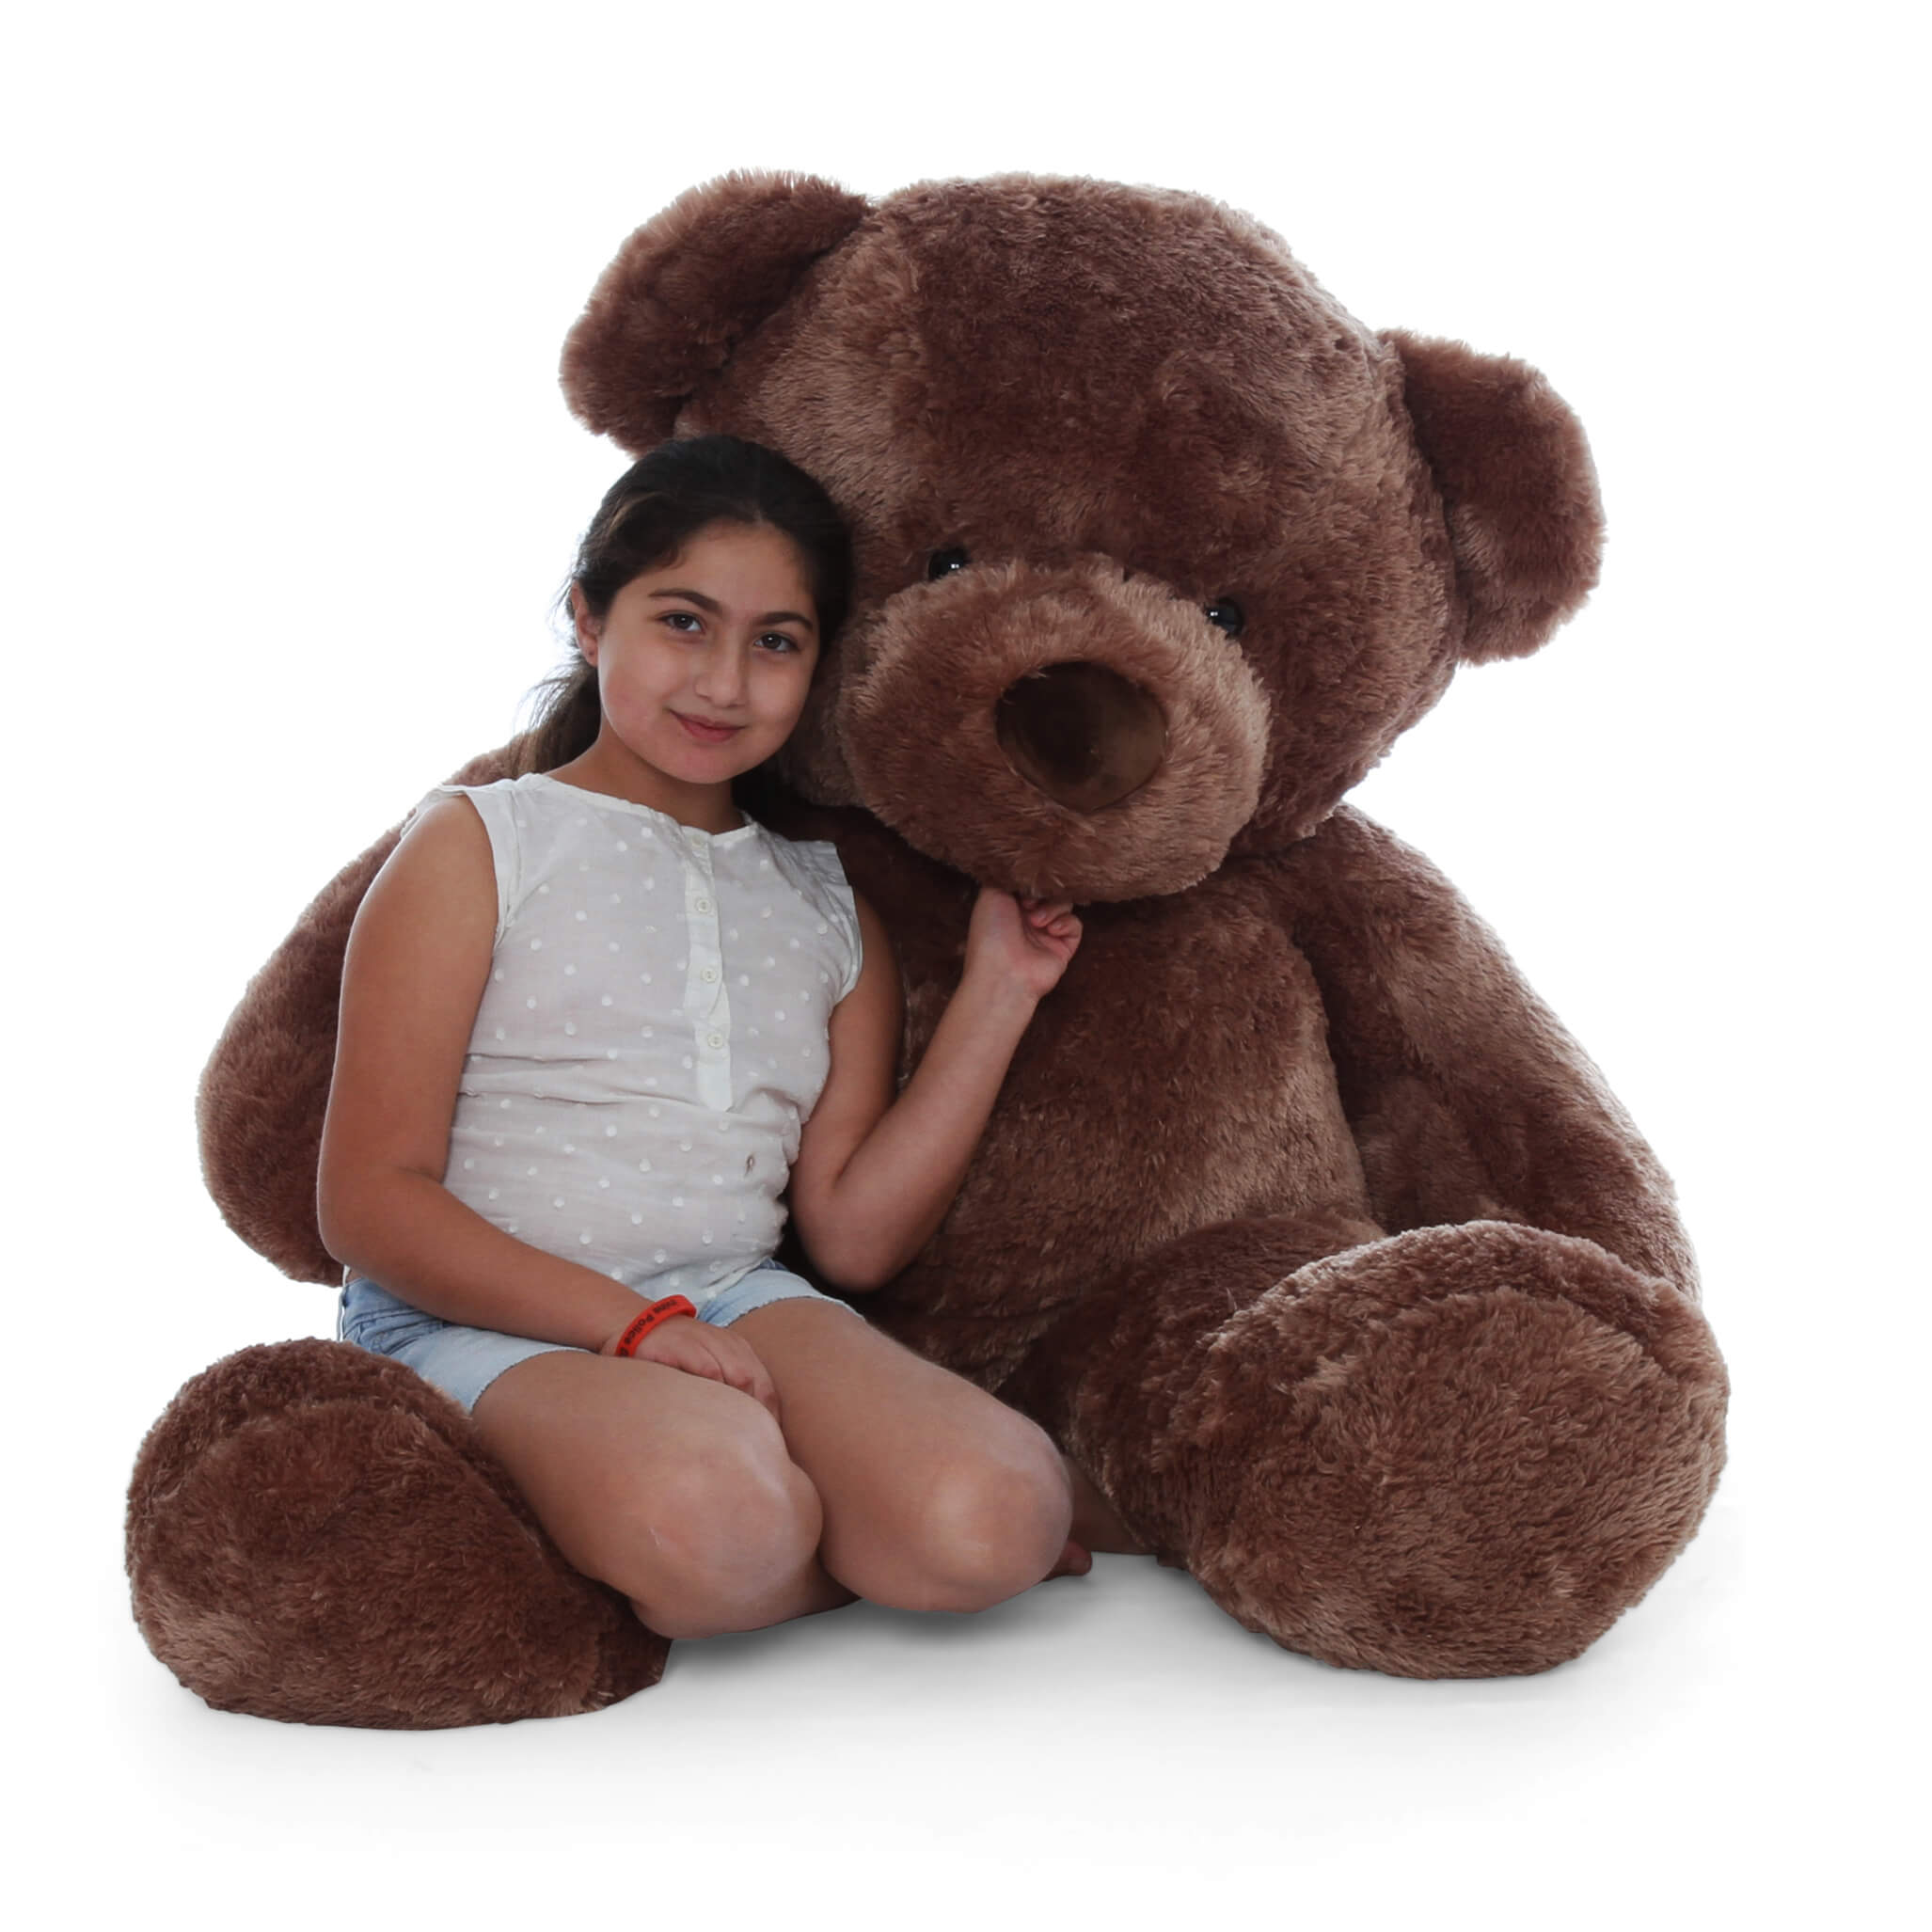 5ft-adorable-brown-teddy-bear-sweetheart-big-chubs-a-plush-teddy-bear-copy-1.jpg